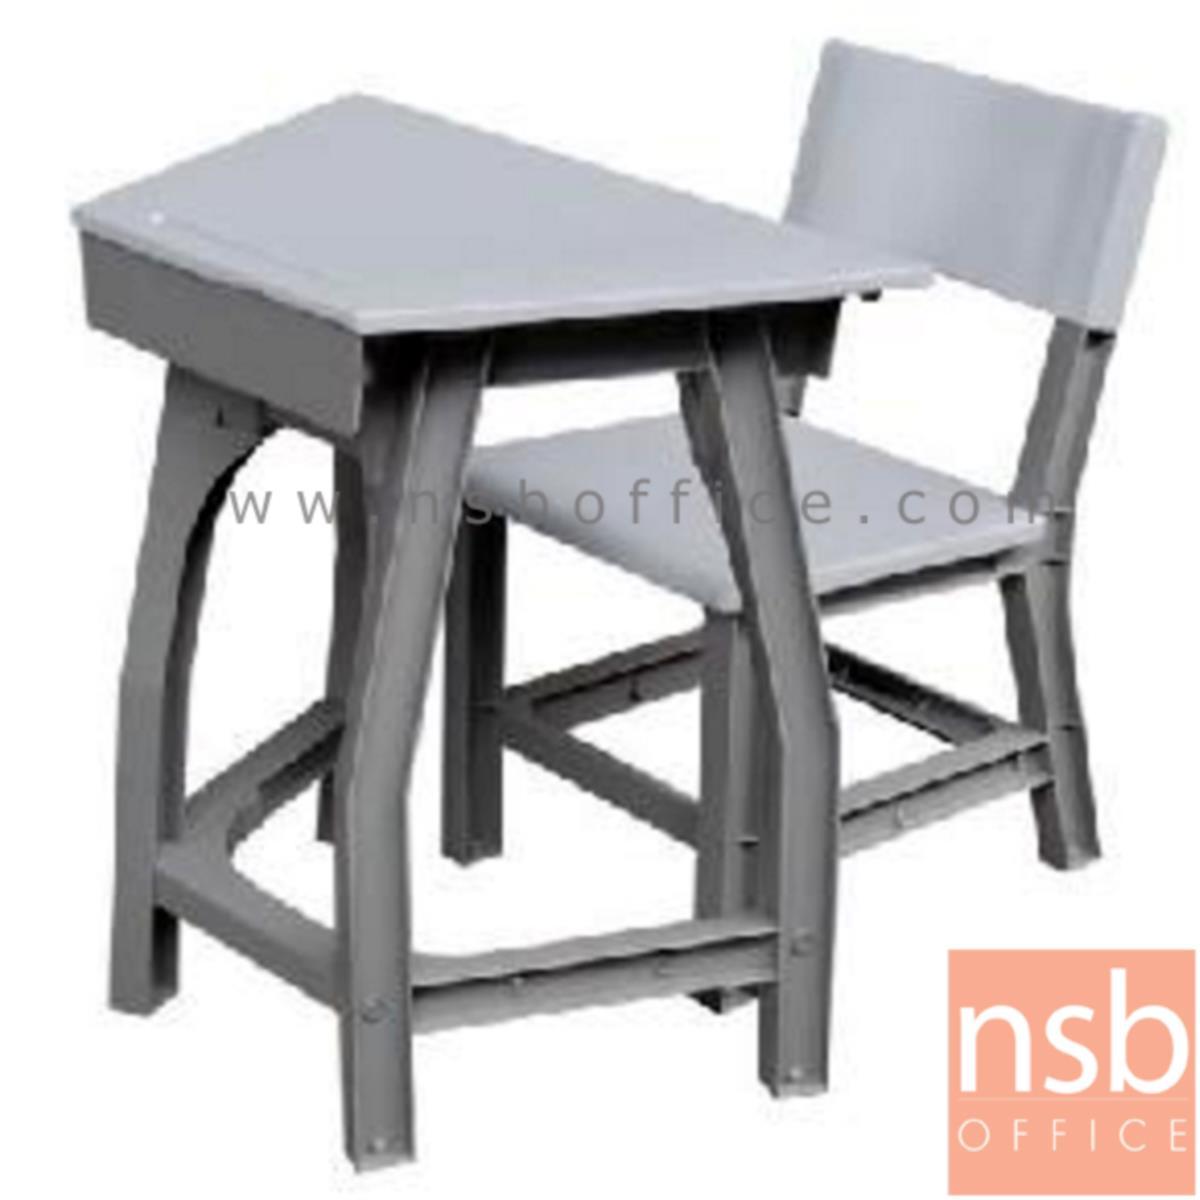 A17A040:ชุดโต๊ะและเก้าอี้นักเรียน รุ่น Almond (อัลมอนด์)  ระดับชั้นประถม ขาพลาสติก